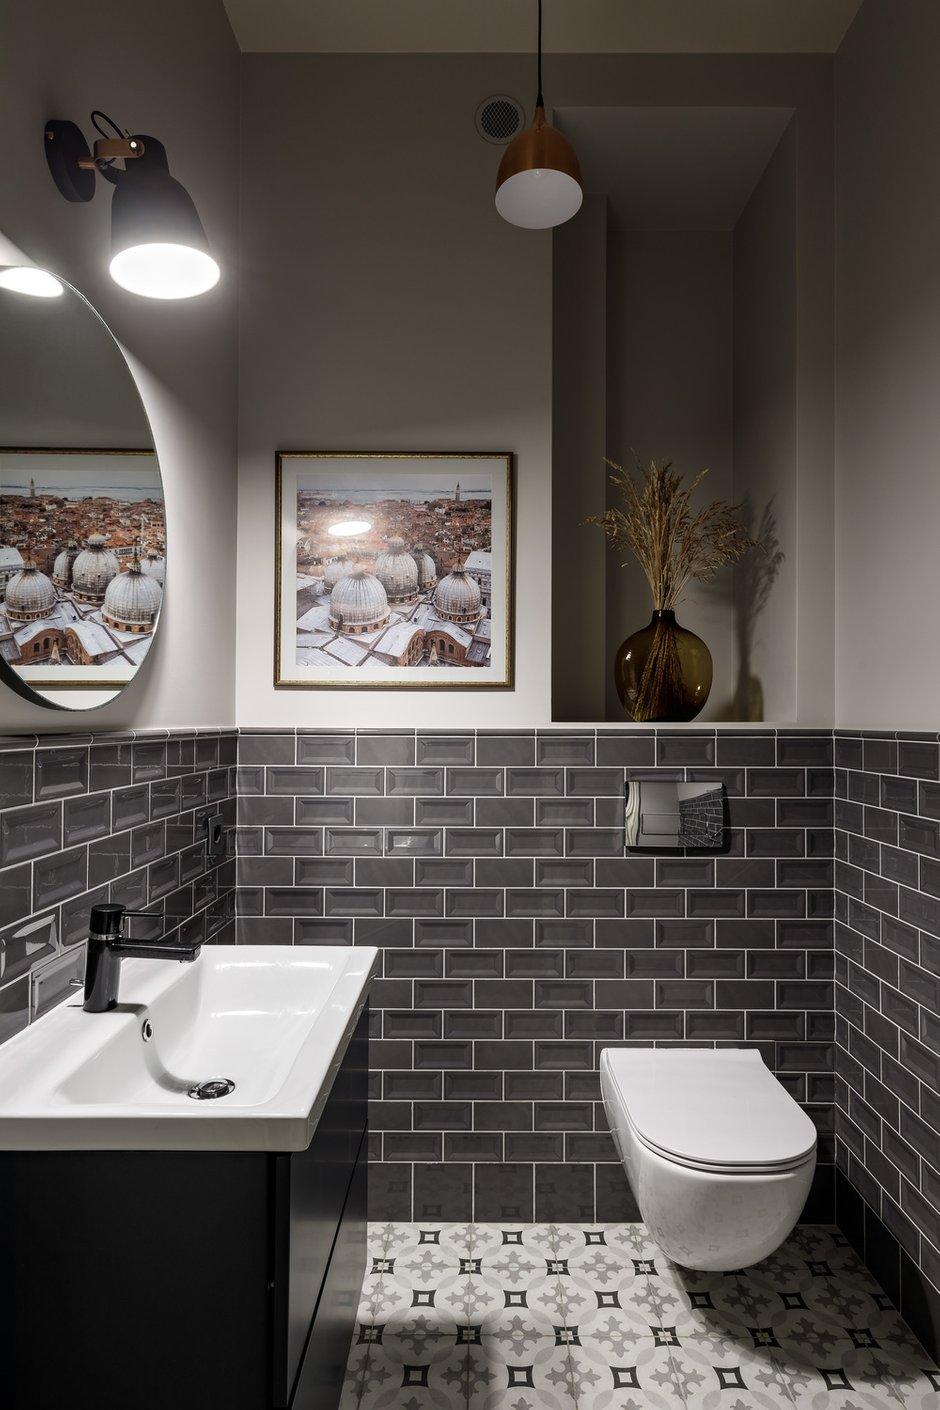 Фотография: Ванная в стиле Классический, Современный, Квартира, Проект недели, Санкт-Петербург, 3 комнаты, Более 90 метров, Наталья Орешкова – фото на INMYROOM